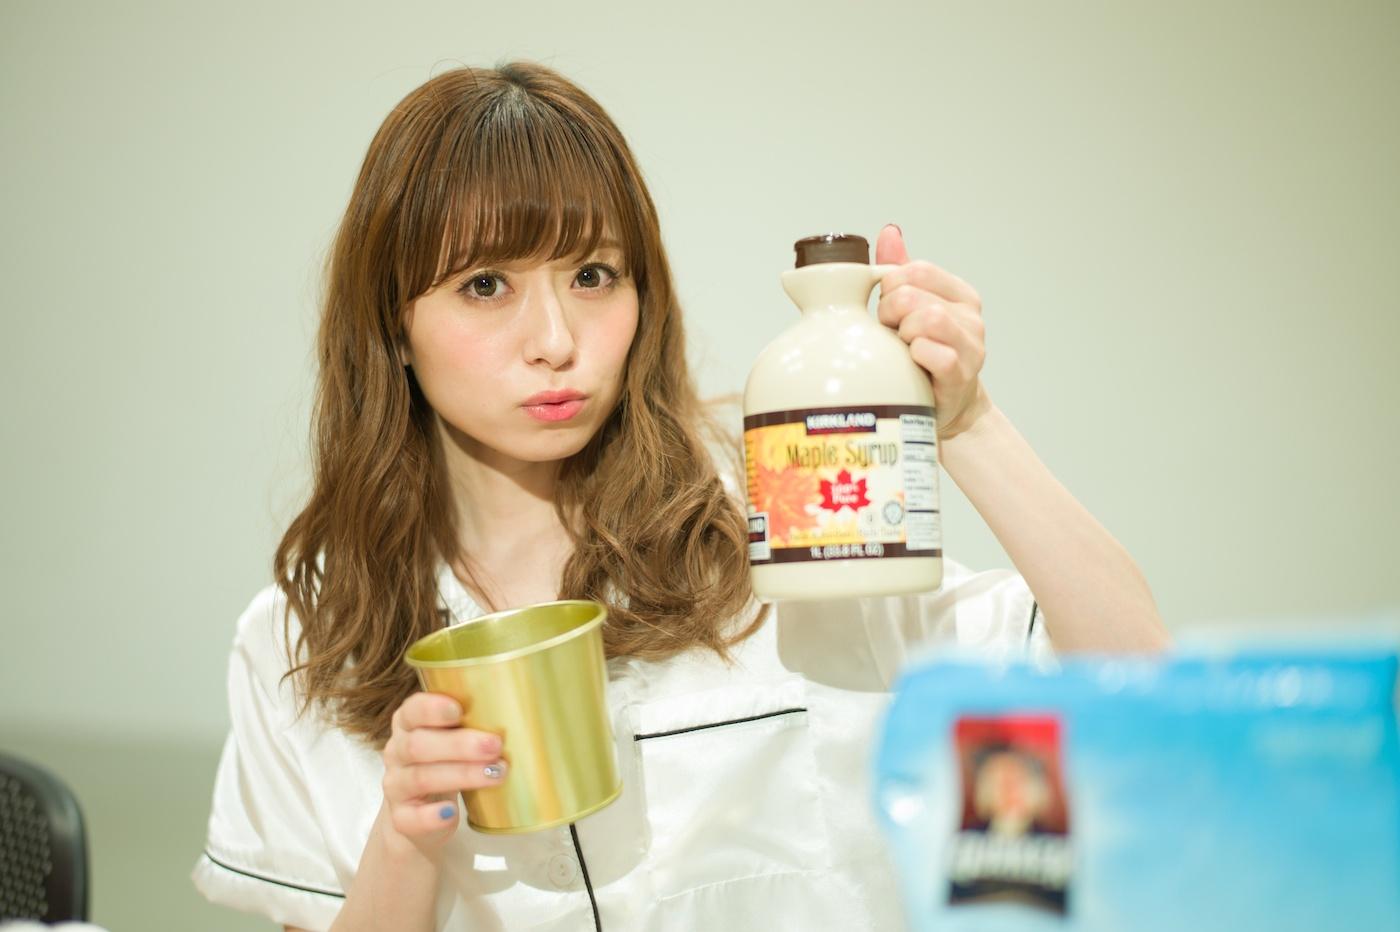 【ゆかるん(SILENT SIREN)ソロインタビュー】日本武道館2DAYSライブに臨む私なりの姿勢とは?